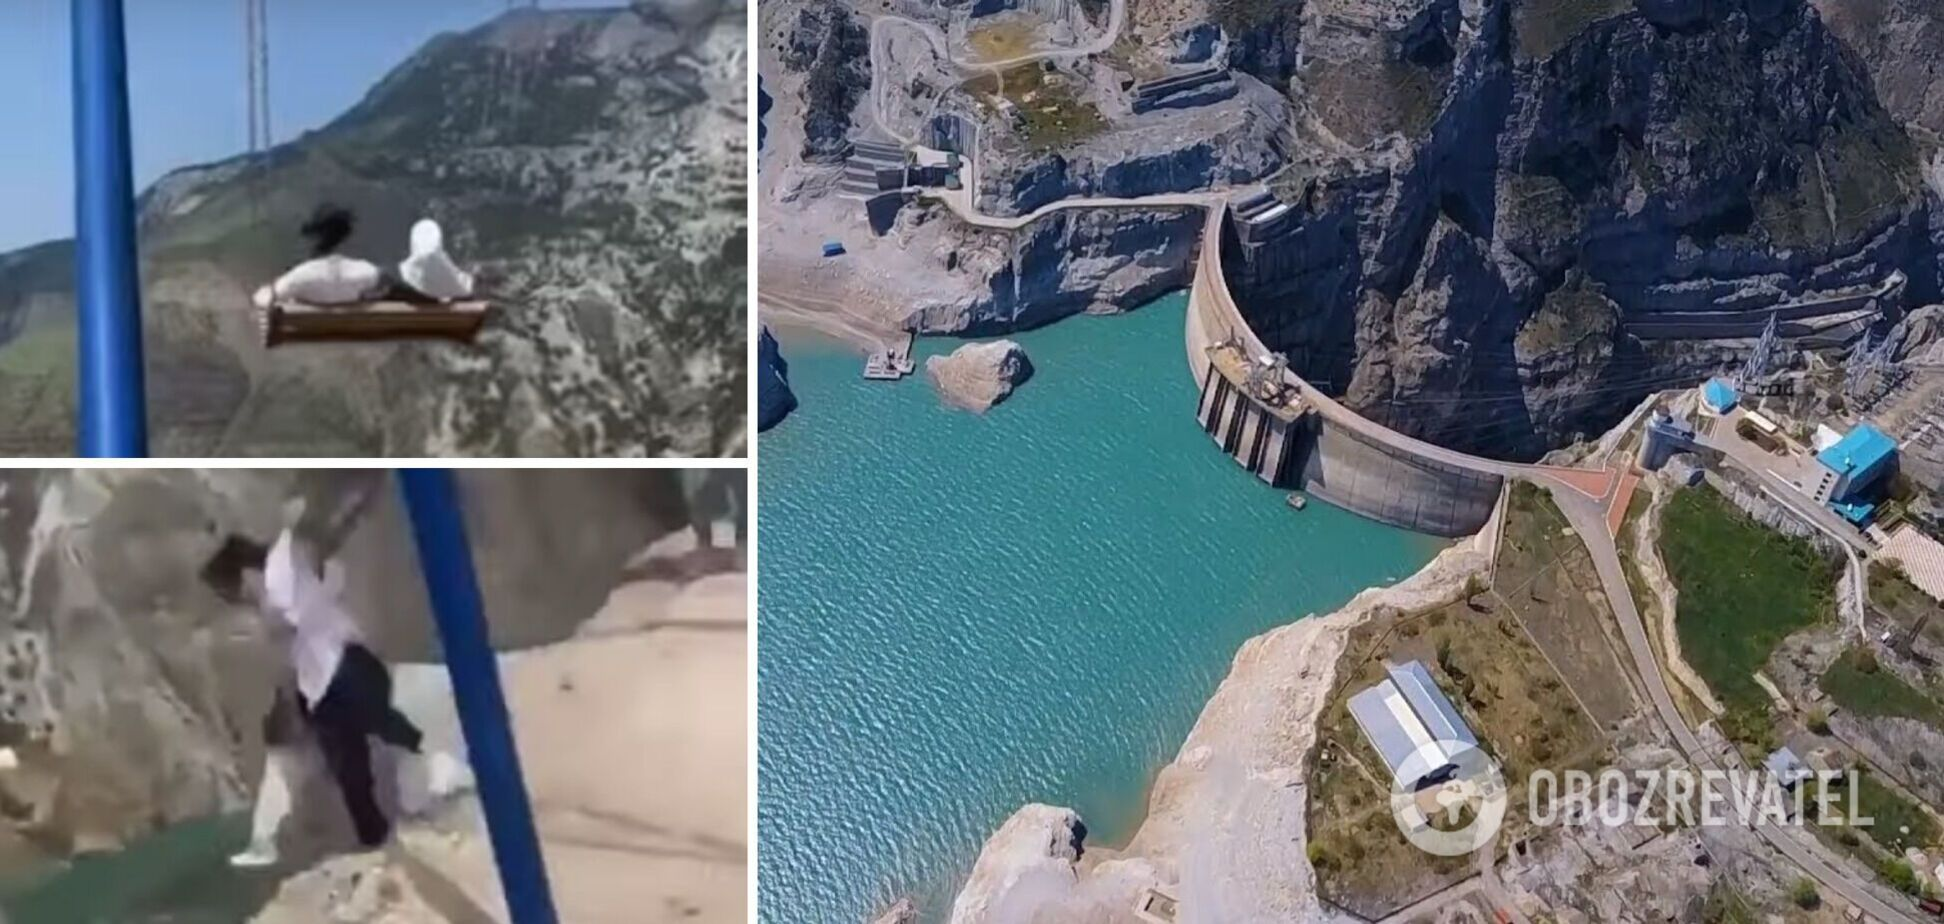 В Дагестане две девушки сорвались с качелей в каньон. Видео опасного аттракциона